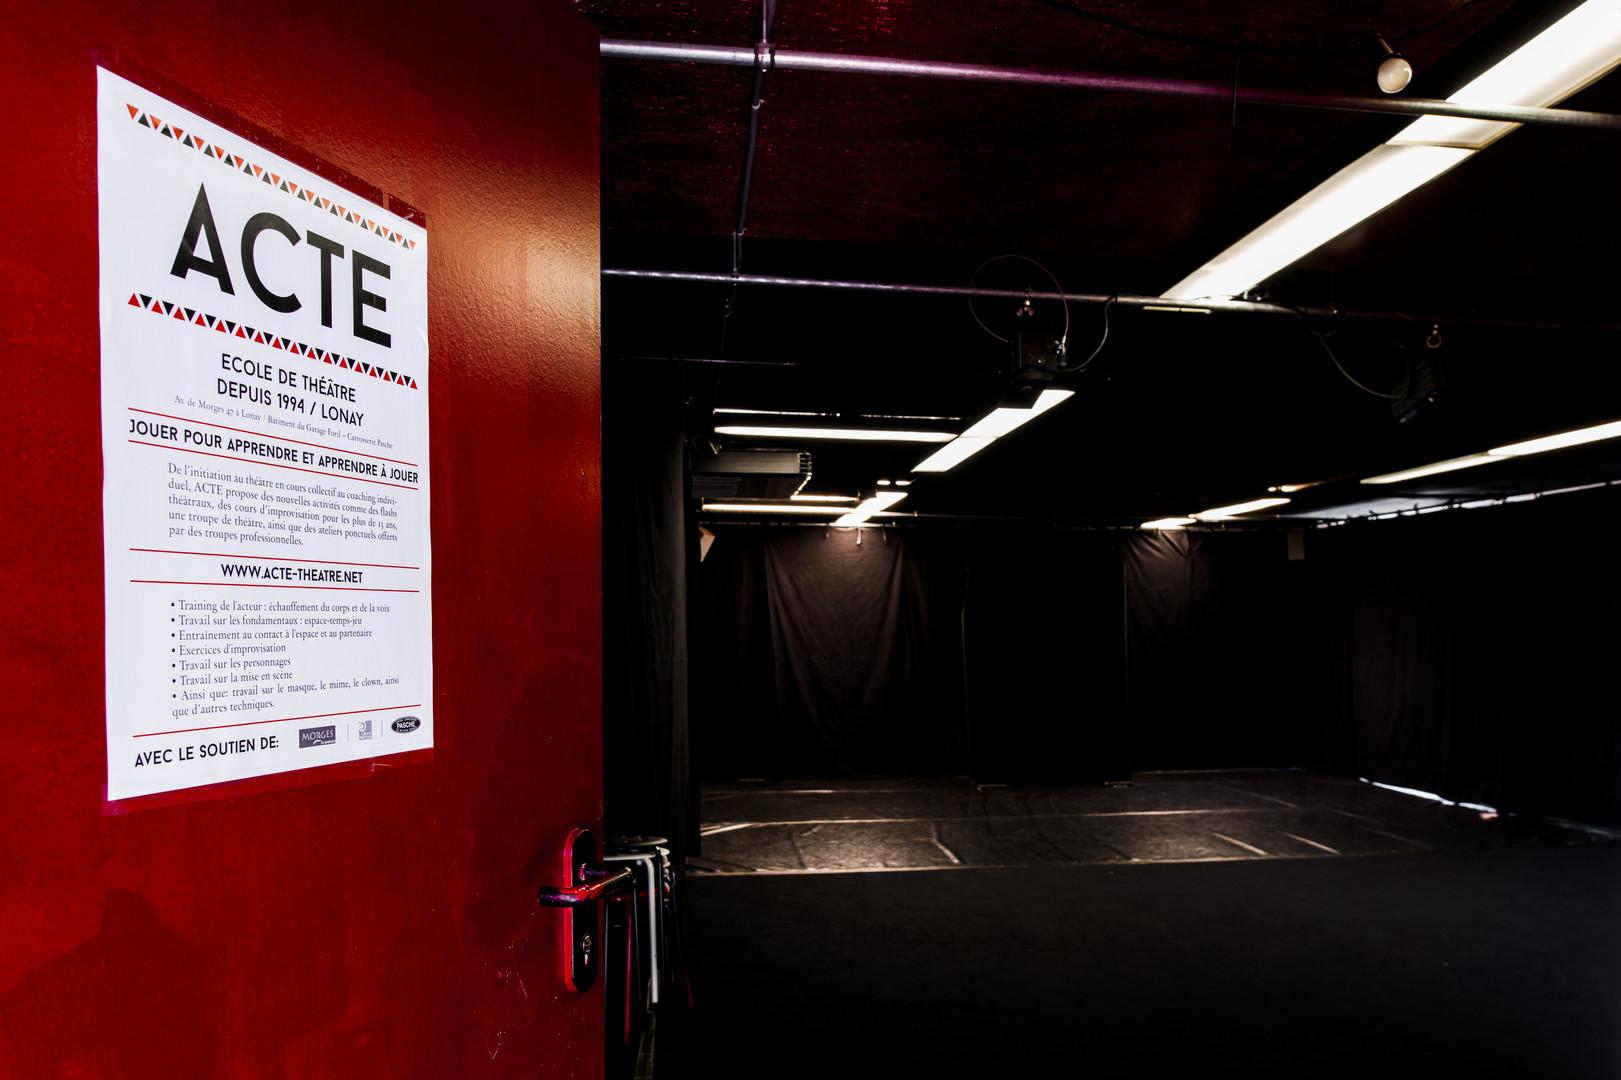 Entrée de laSalle de cours de théâtre salle de cours